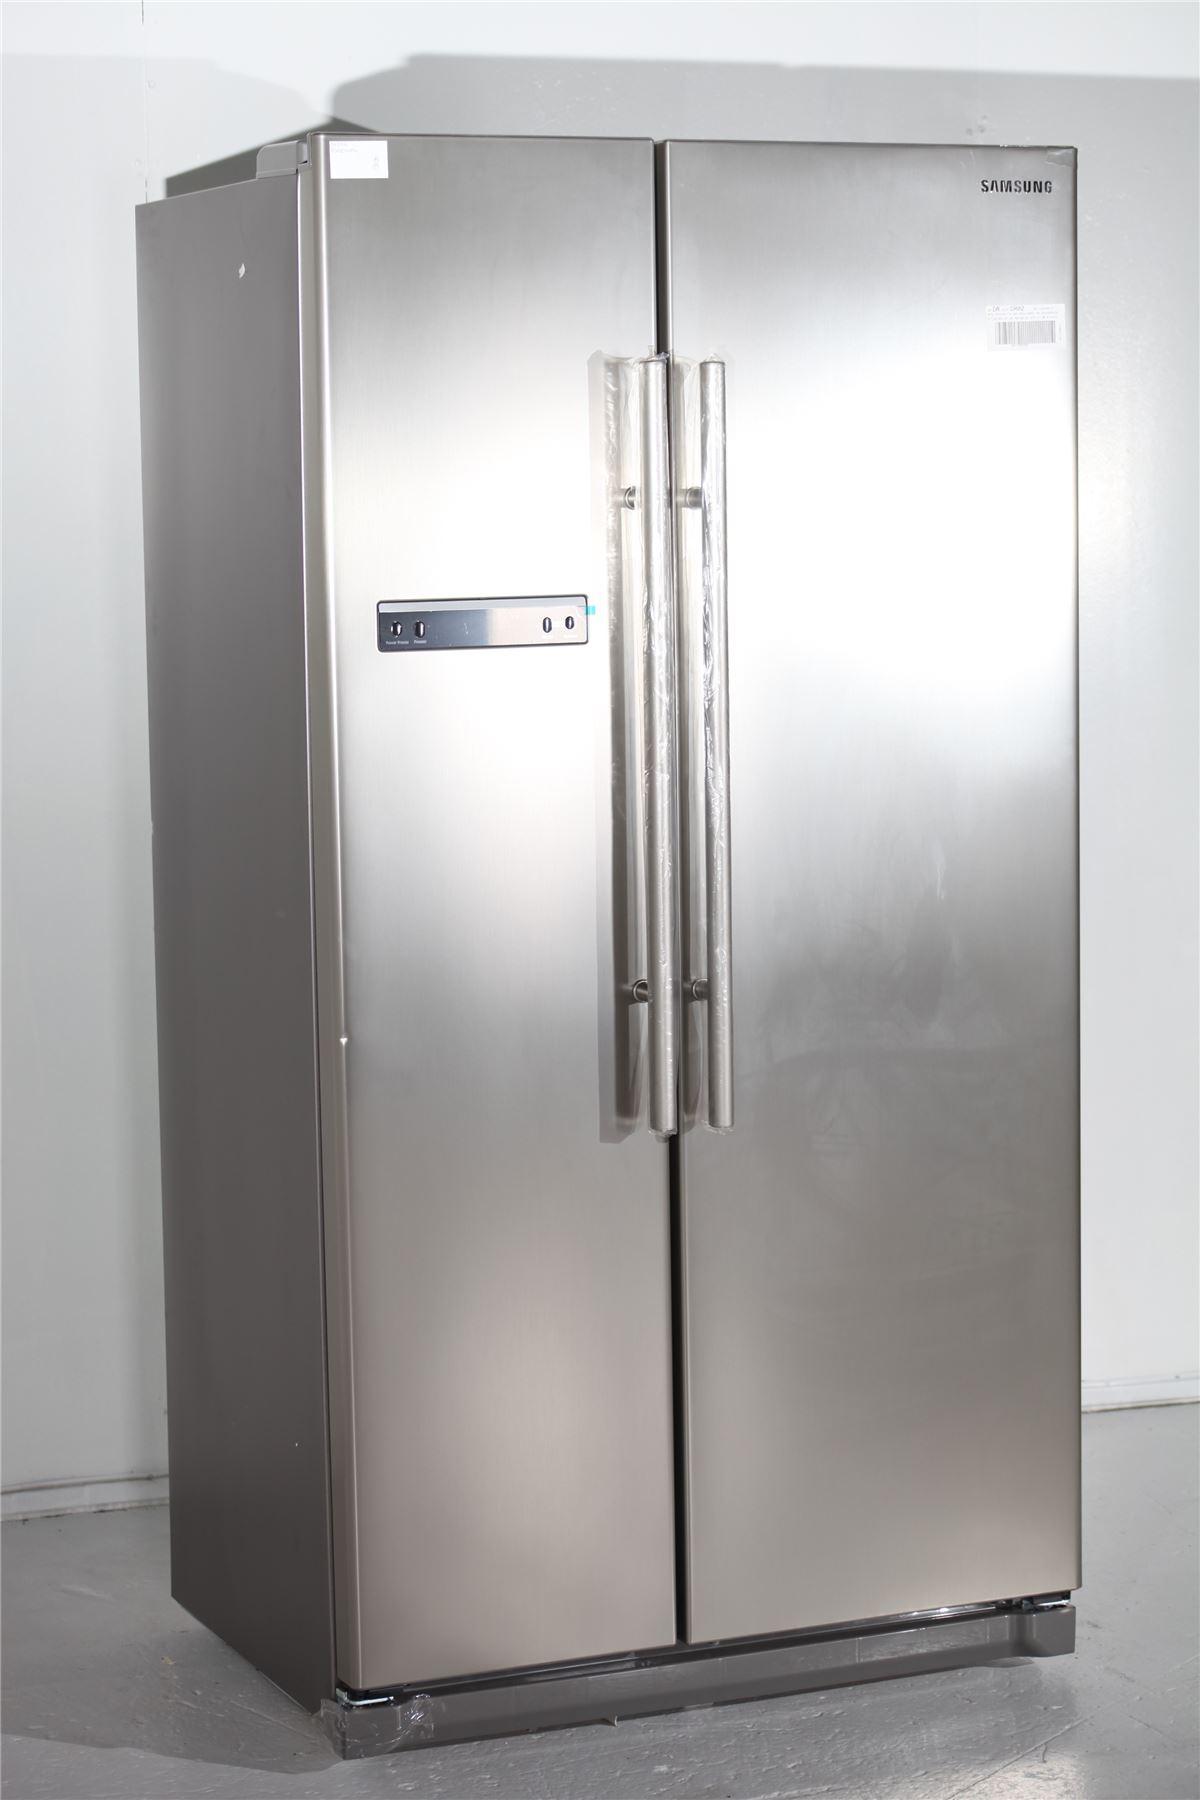 preloved samsung american fridge freezer rsa1shpn. Black Bedroom Furniture Sets. Home Design Ideas